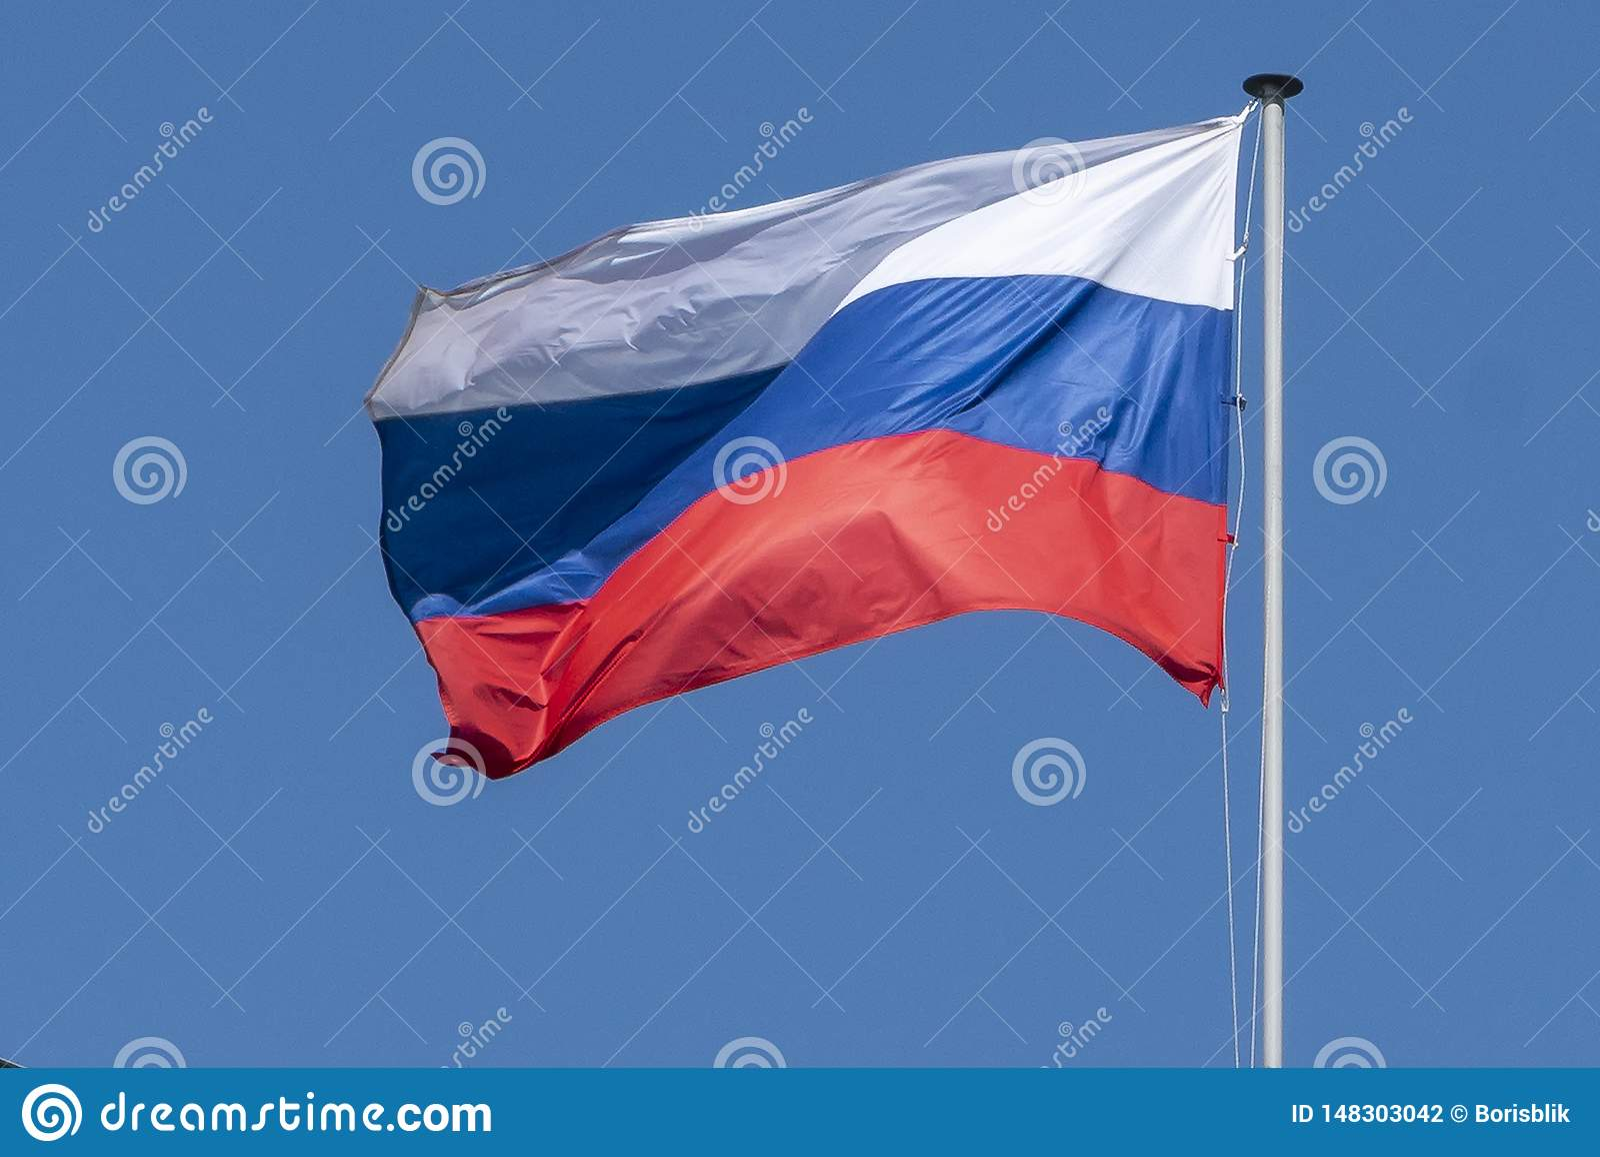 Le drapeau de la Russie, la F?d?ration de Russie, le tricolore contre le ciel bleu se d?veloppe dans le vent